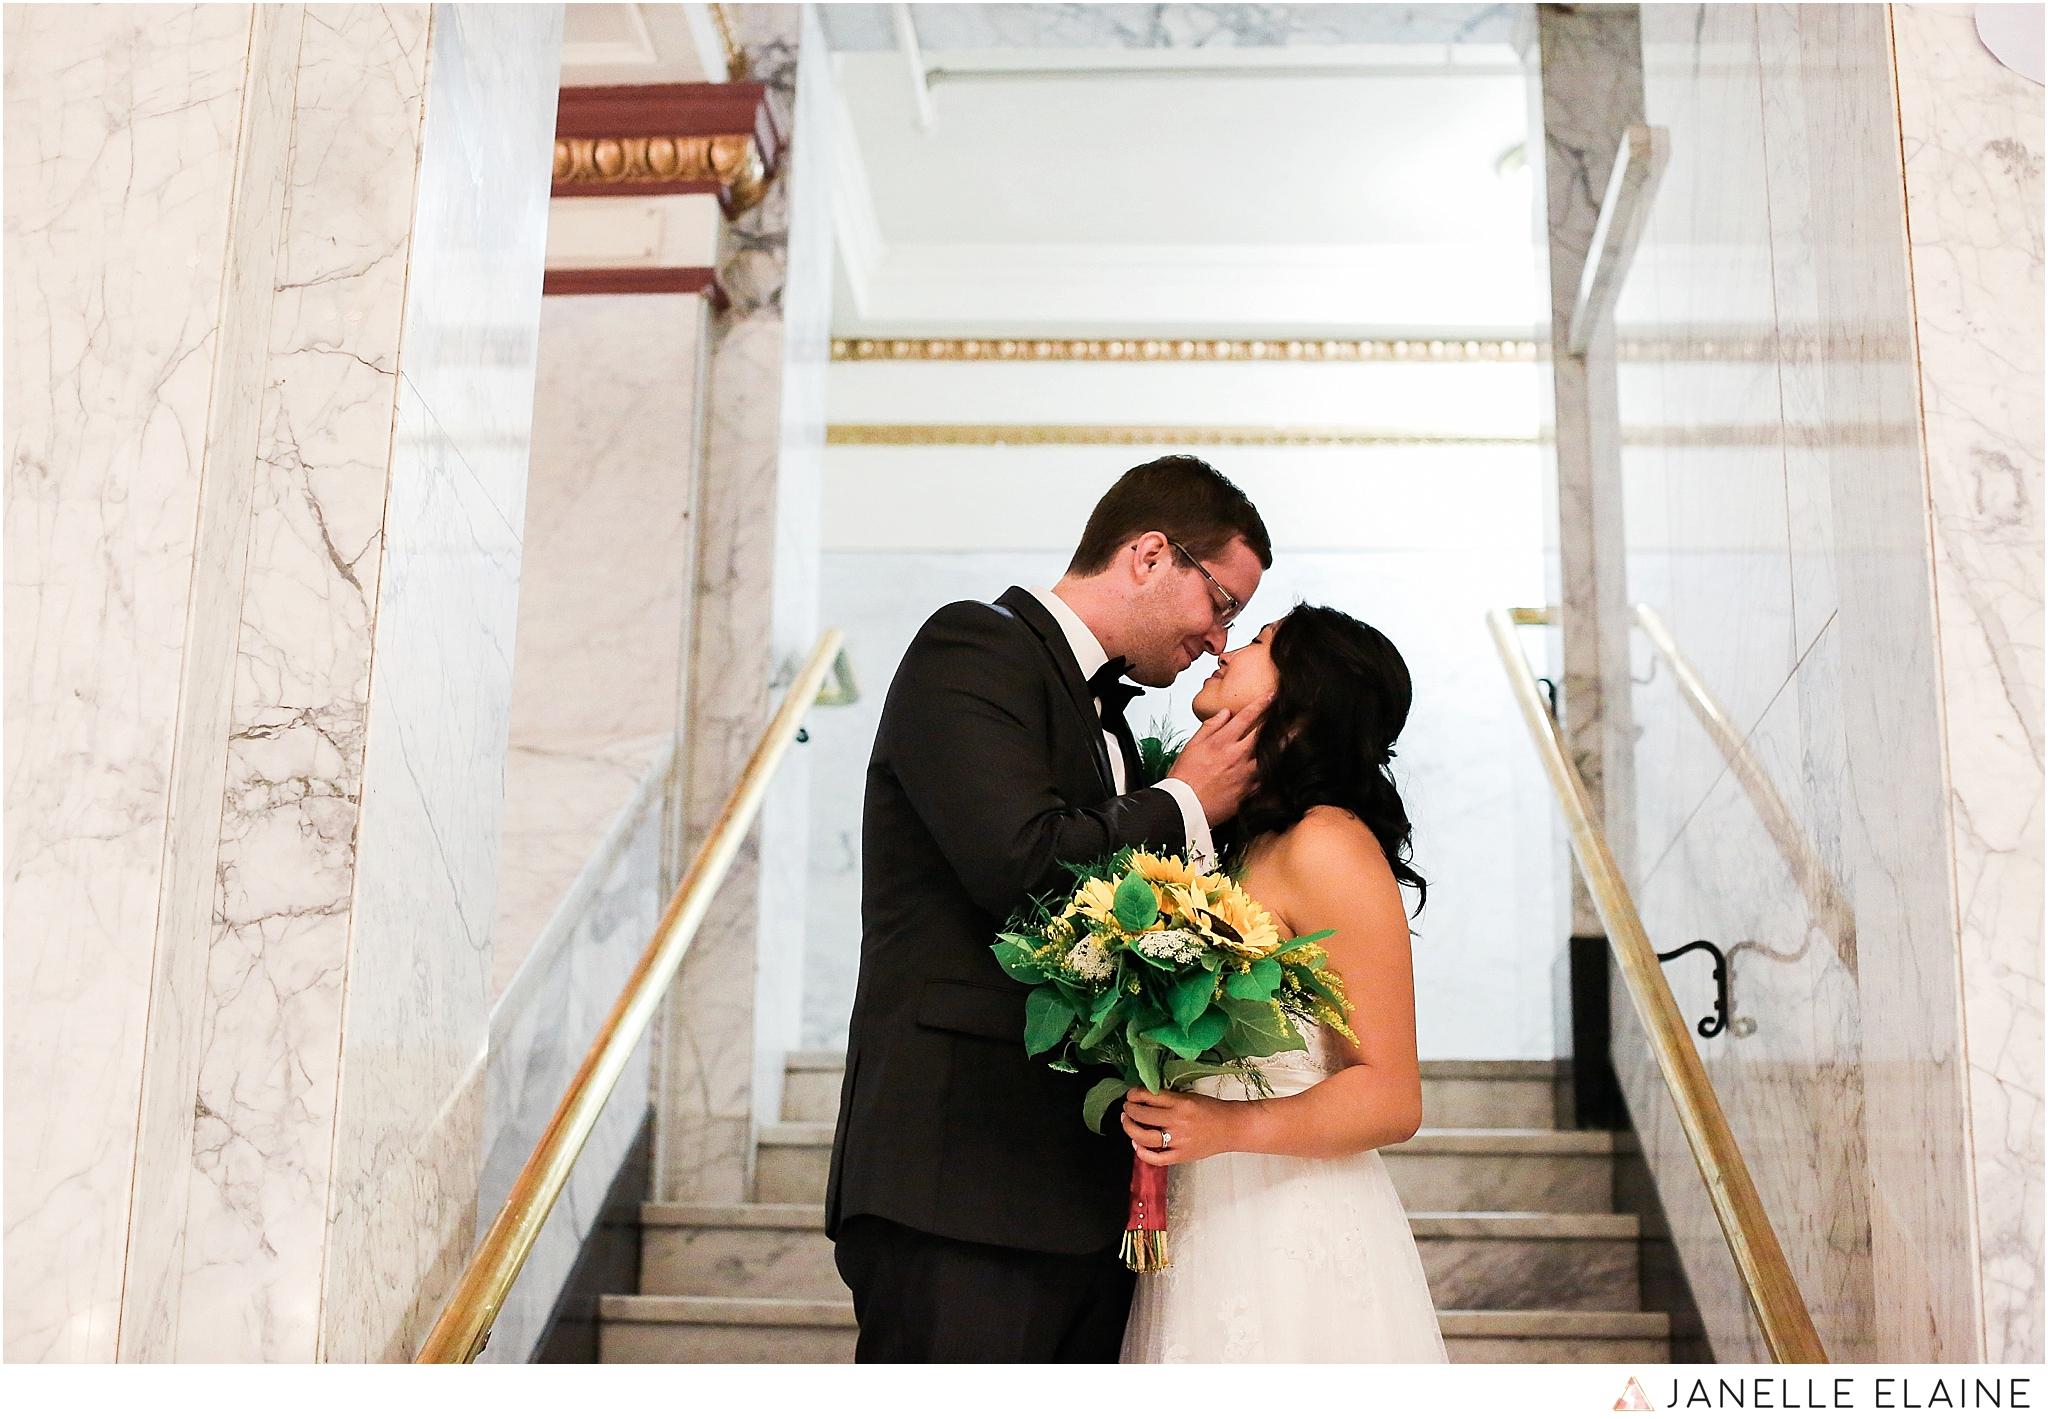 janelle elaine photography-professional wedding photographer seattle--72.jpg